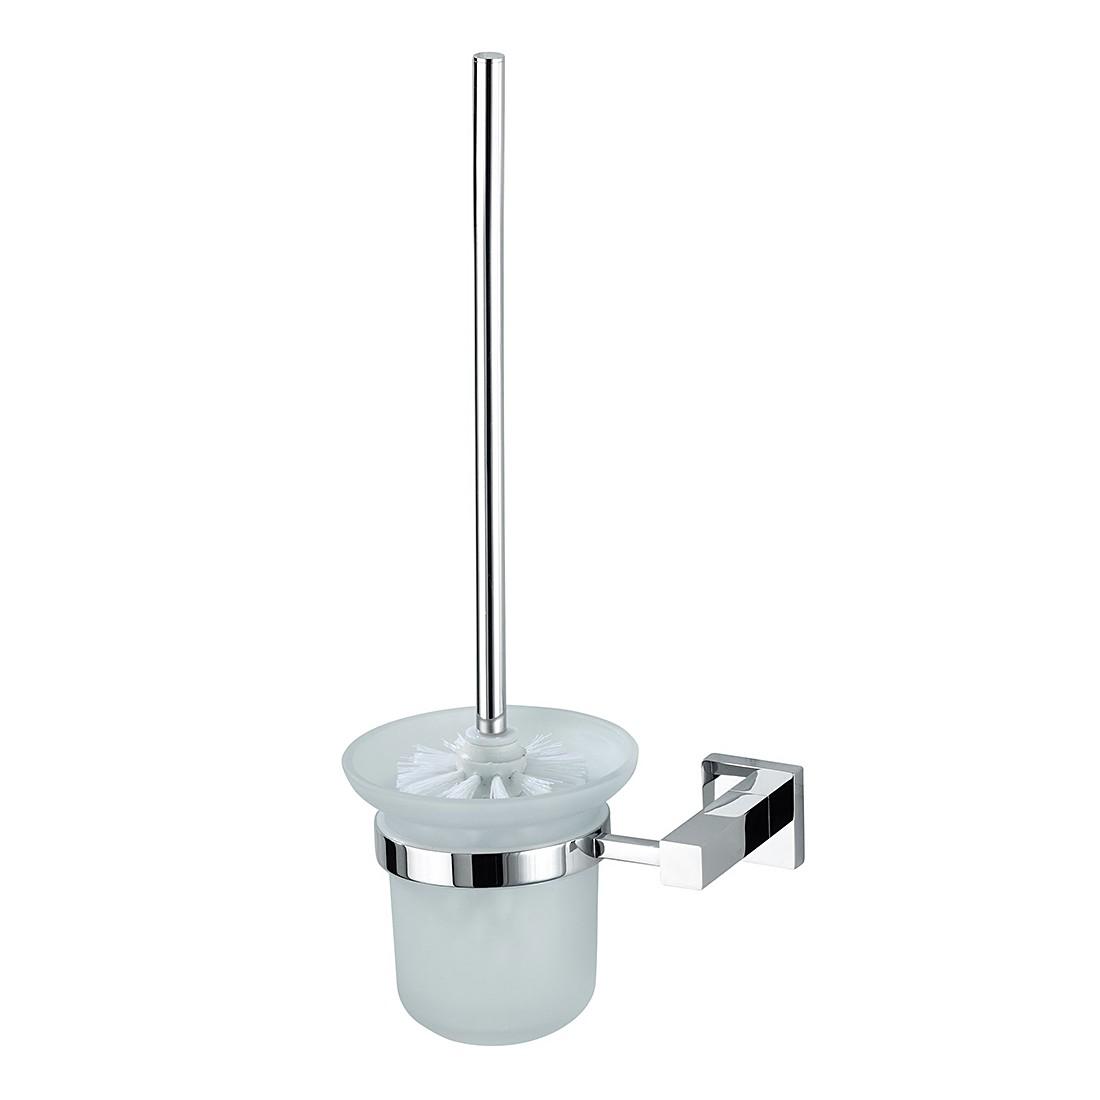 home24 WC-Garnitur San Remo | Bad > Bad-Accessoires > WC-Bürsten | Silber | Wenko